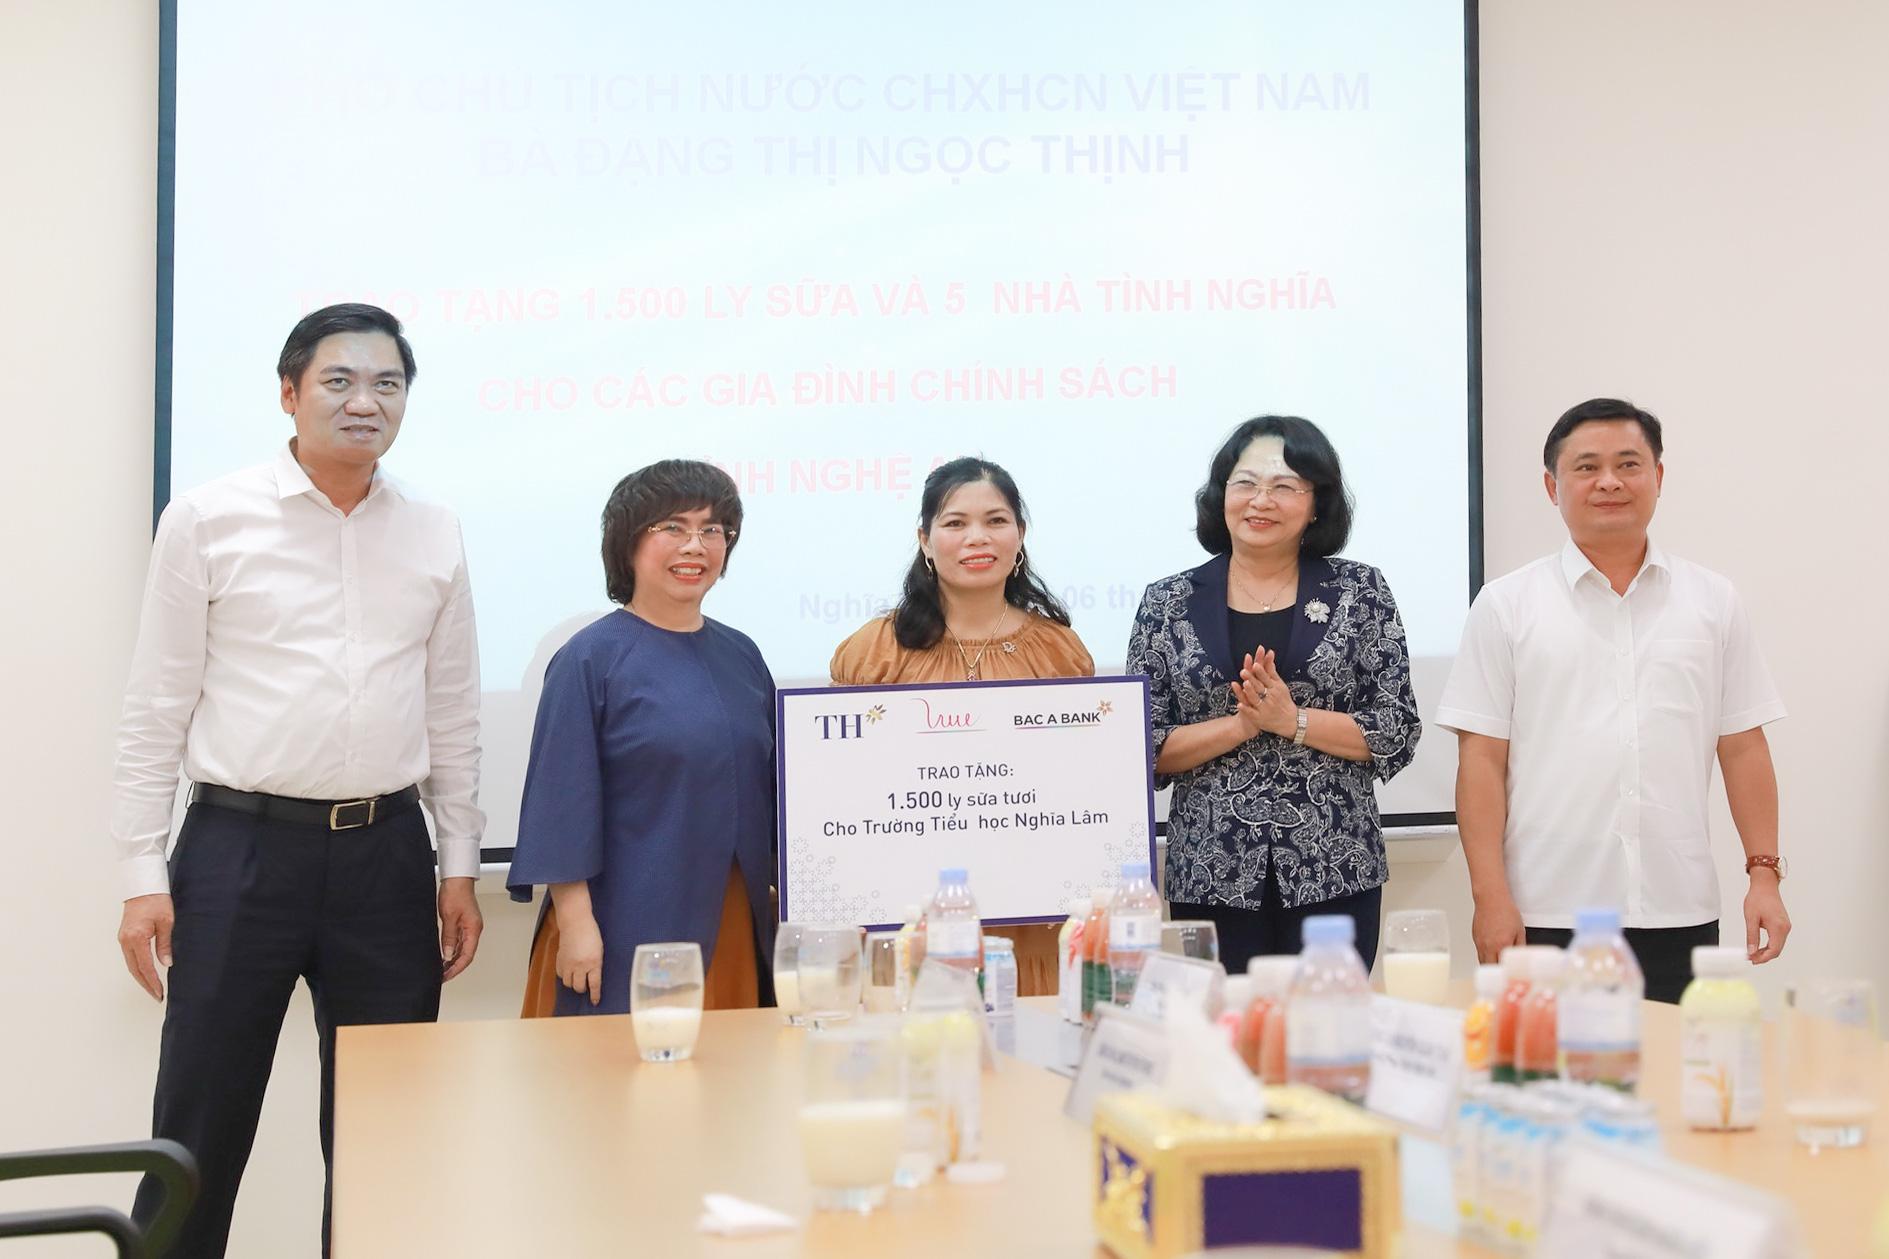 Phó Chủ tịch nước Đặng Thị Ngọc Thịnh ấn tượng với sự tăng trưởng thần kỳ ở vùng Phủ Quỳ - Ảnh 1.